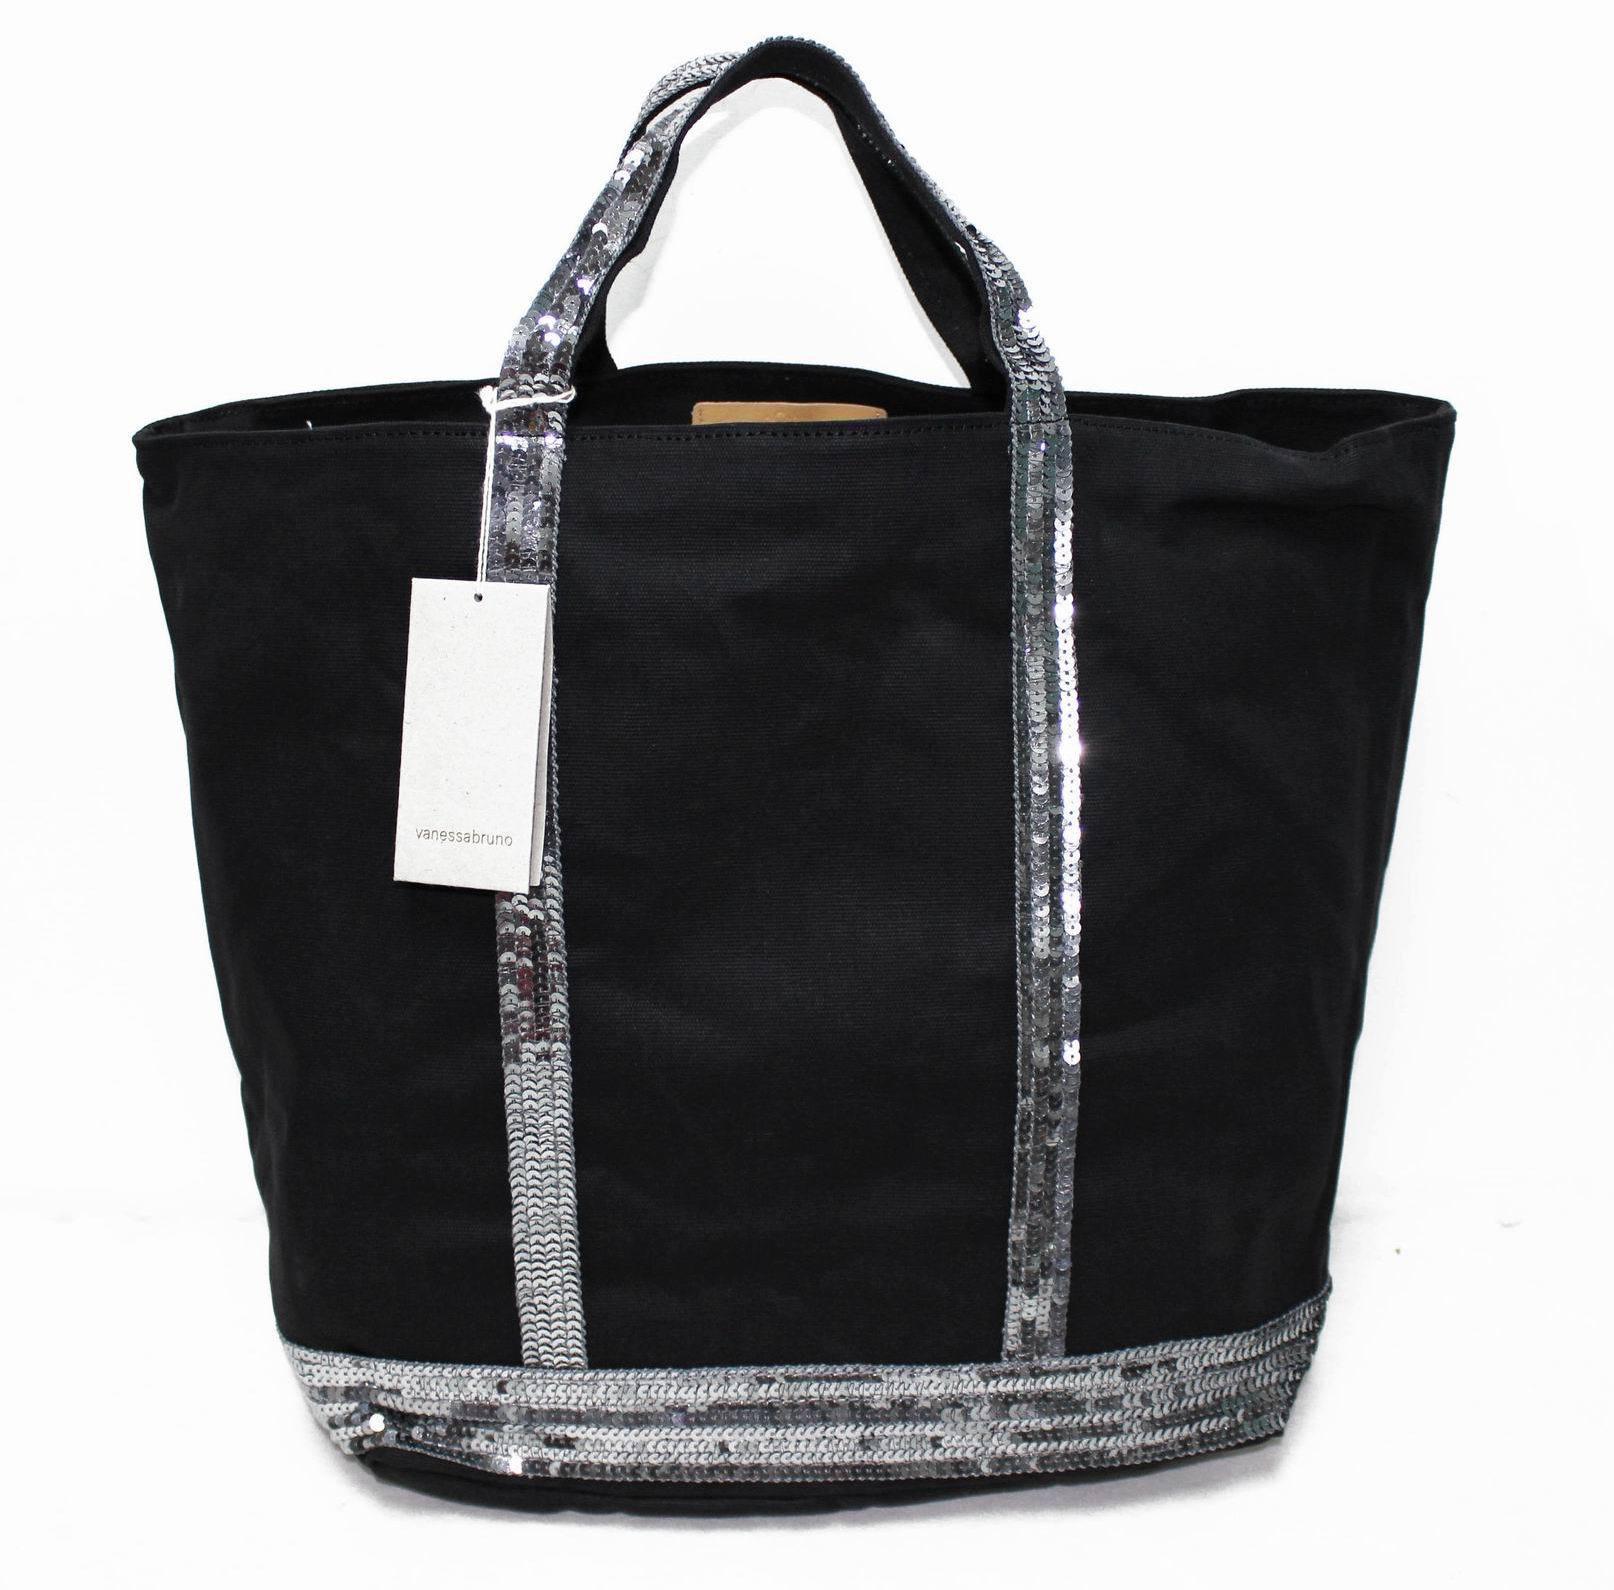 cd3c9e4be5e Vanessa bruno sac paillette sac découvert toile sacs top poignée fourre  tout sacs brève sac designer marque sacs à bandoulière dans Sacs à  bandoulière de ...